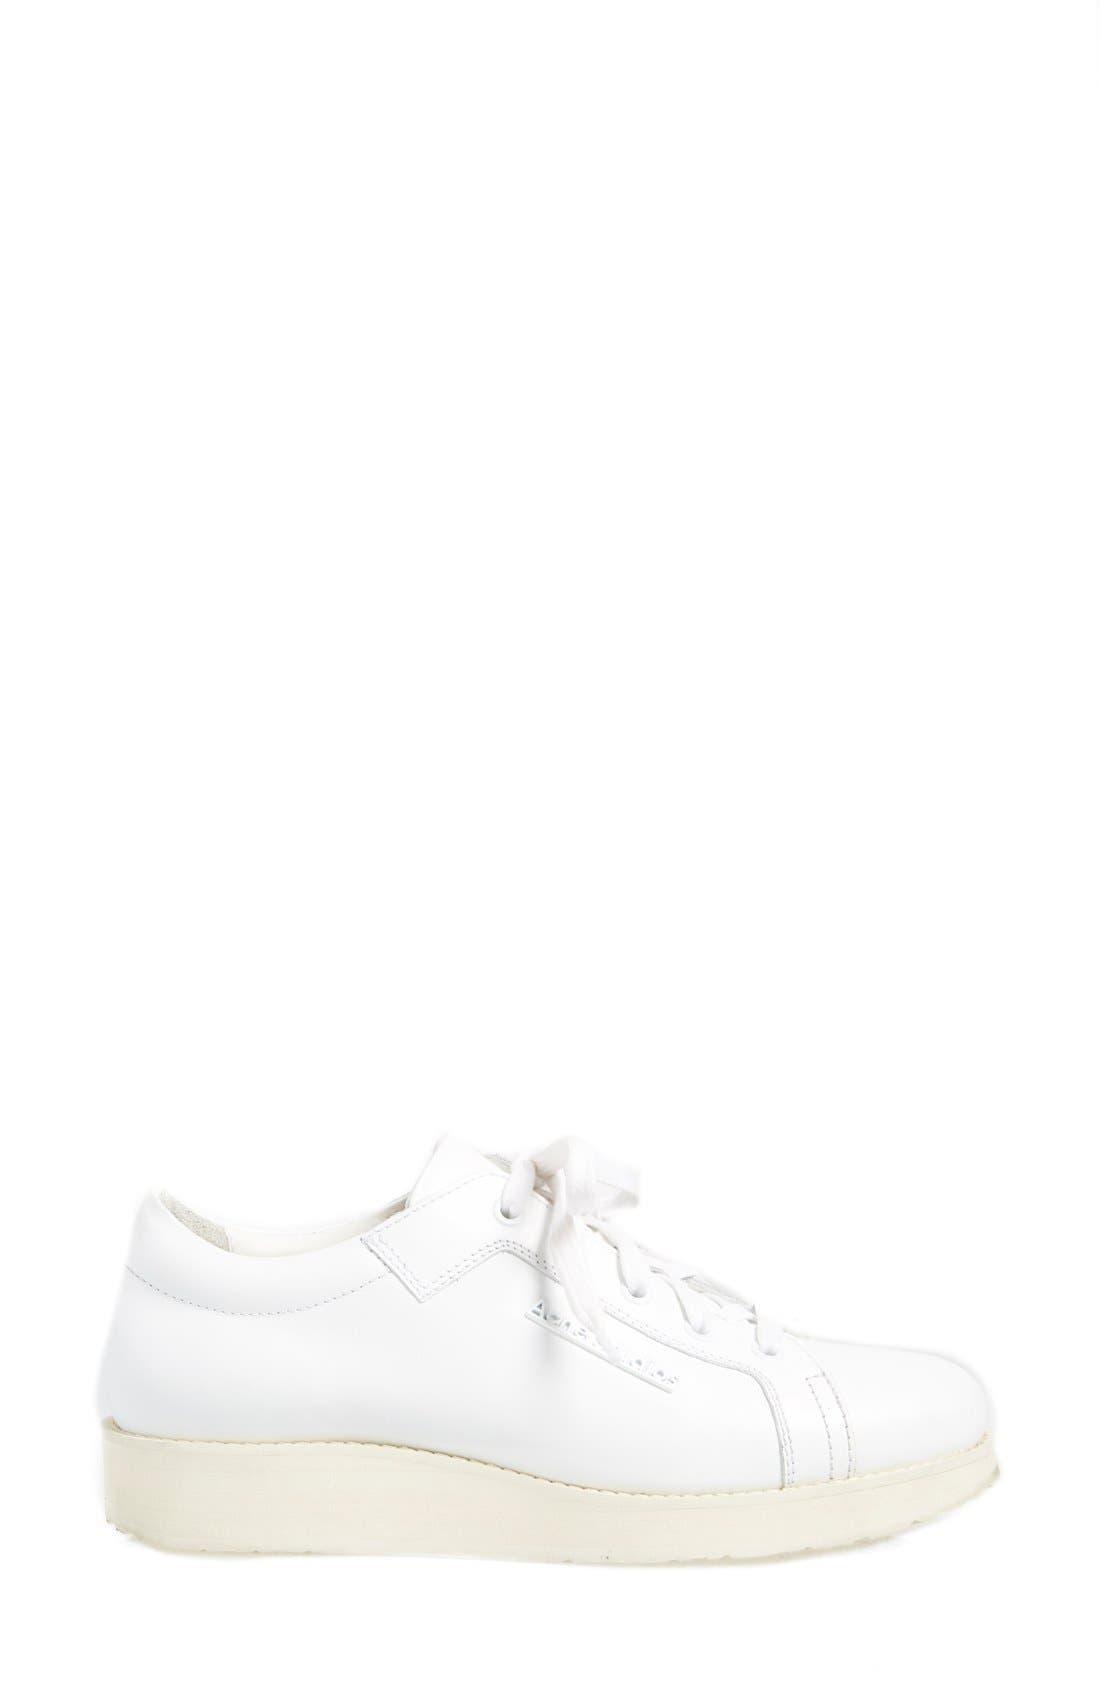 Kobe Platform Sneaker,                             Alternate thumbnail 3, color,                             100